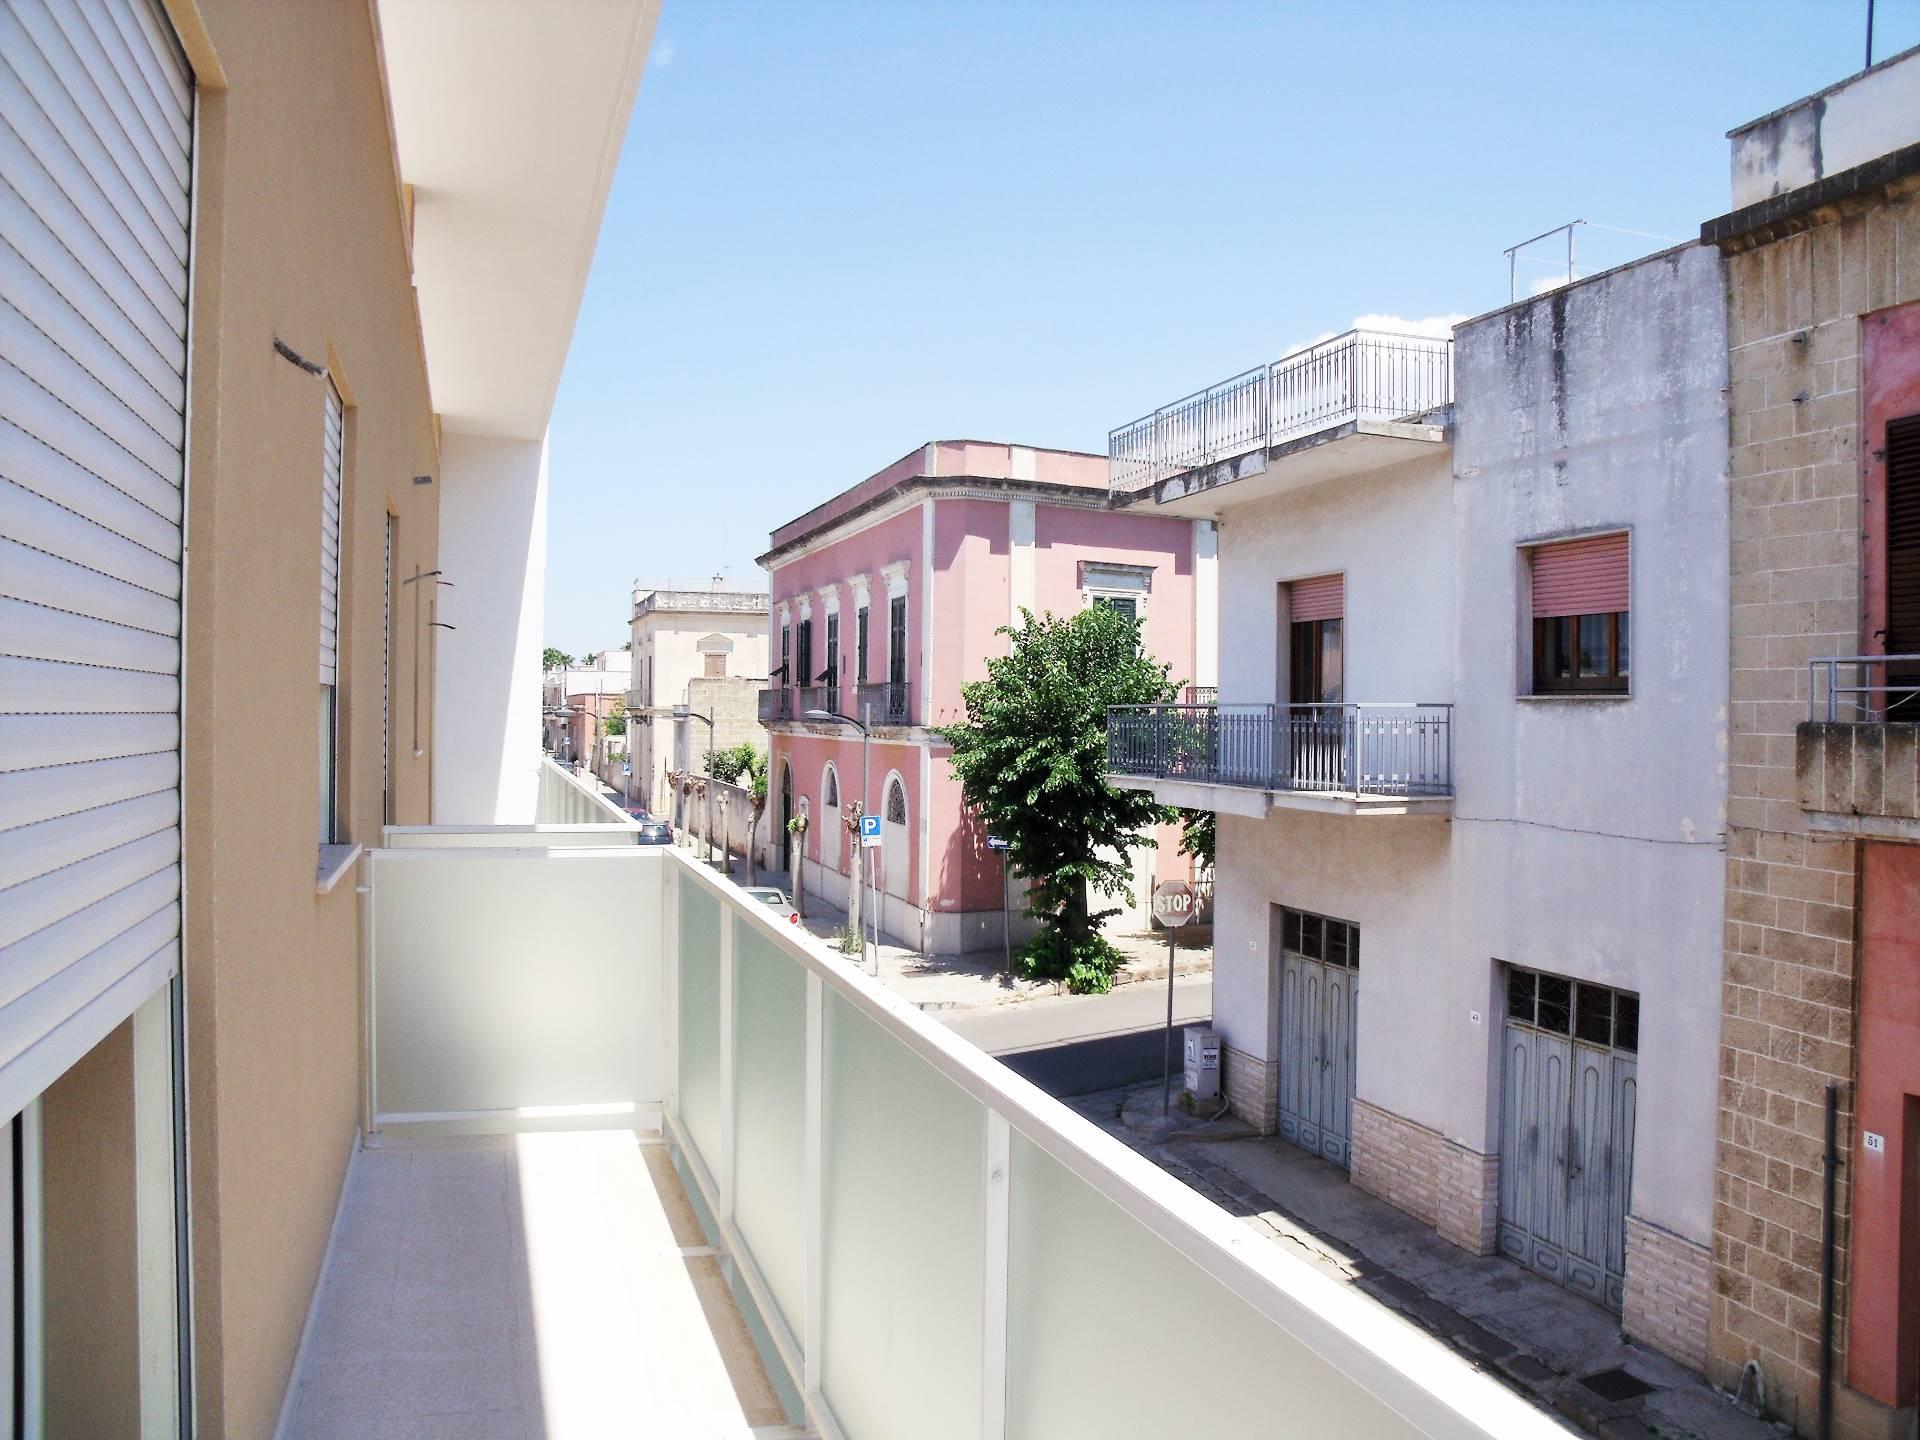 Appartamento in vendita a Matino, 9 locali, prezzo € 198.000 | CambioCasa.it